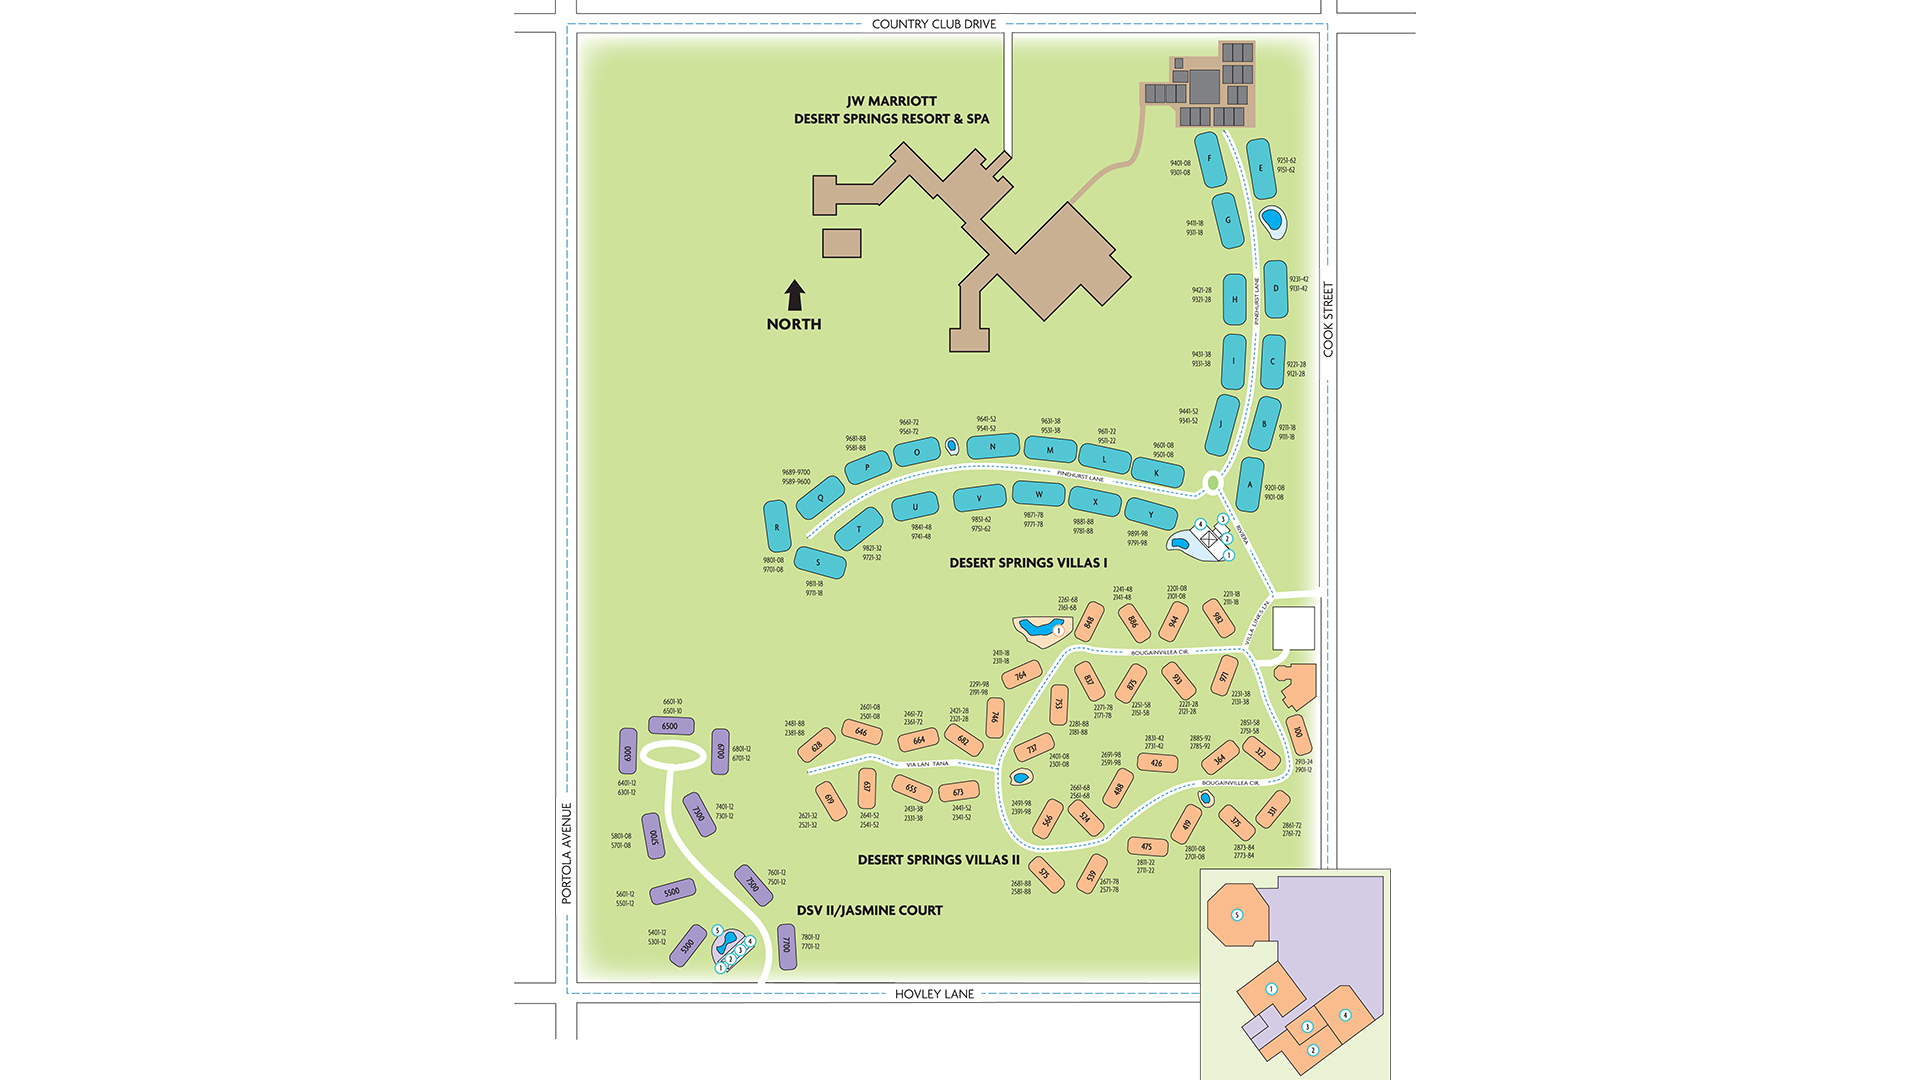 marriott desert springs villas ii resort map Map Marriott S Desert Springs Villas Ii Marriott Vacation Club marriott desert springs villas ii resort map